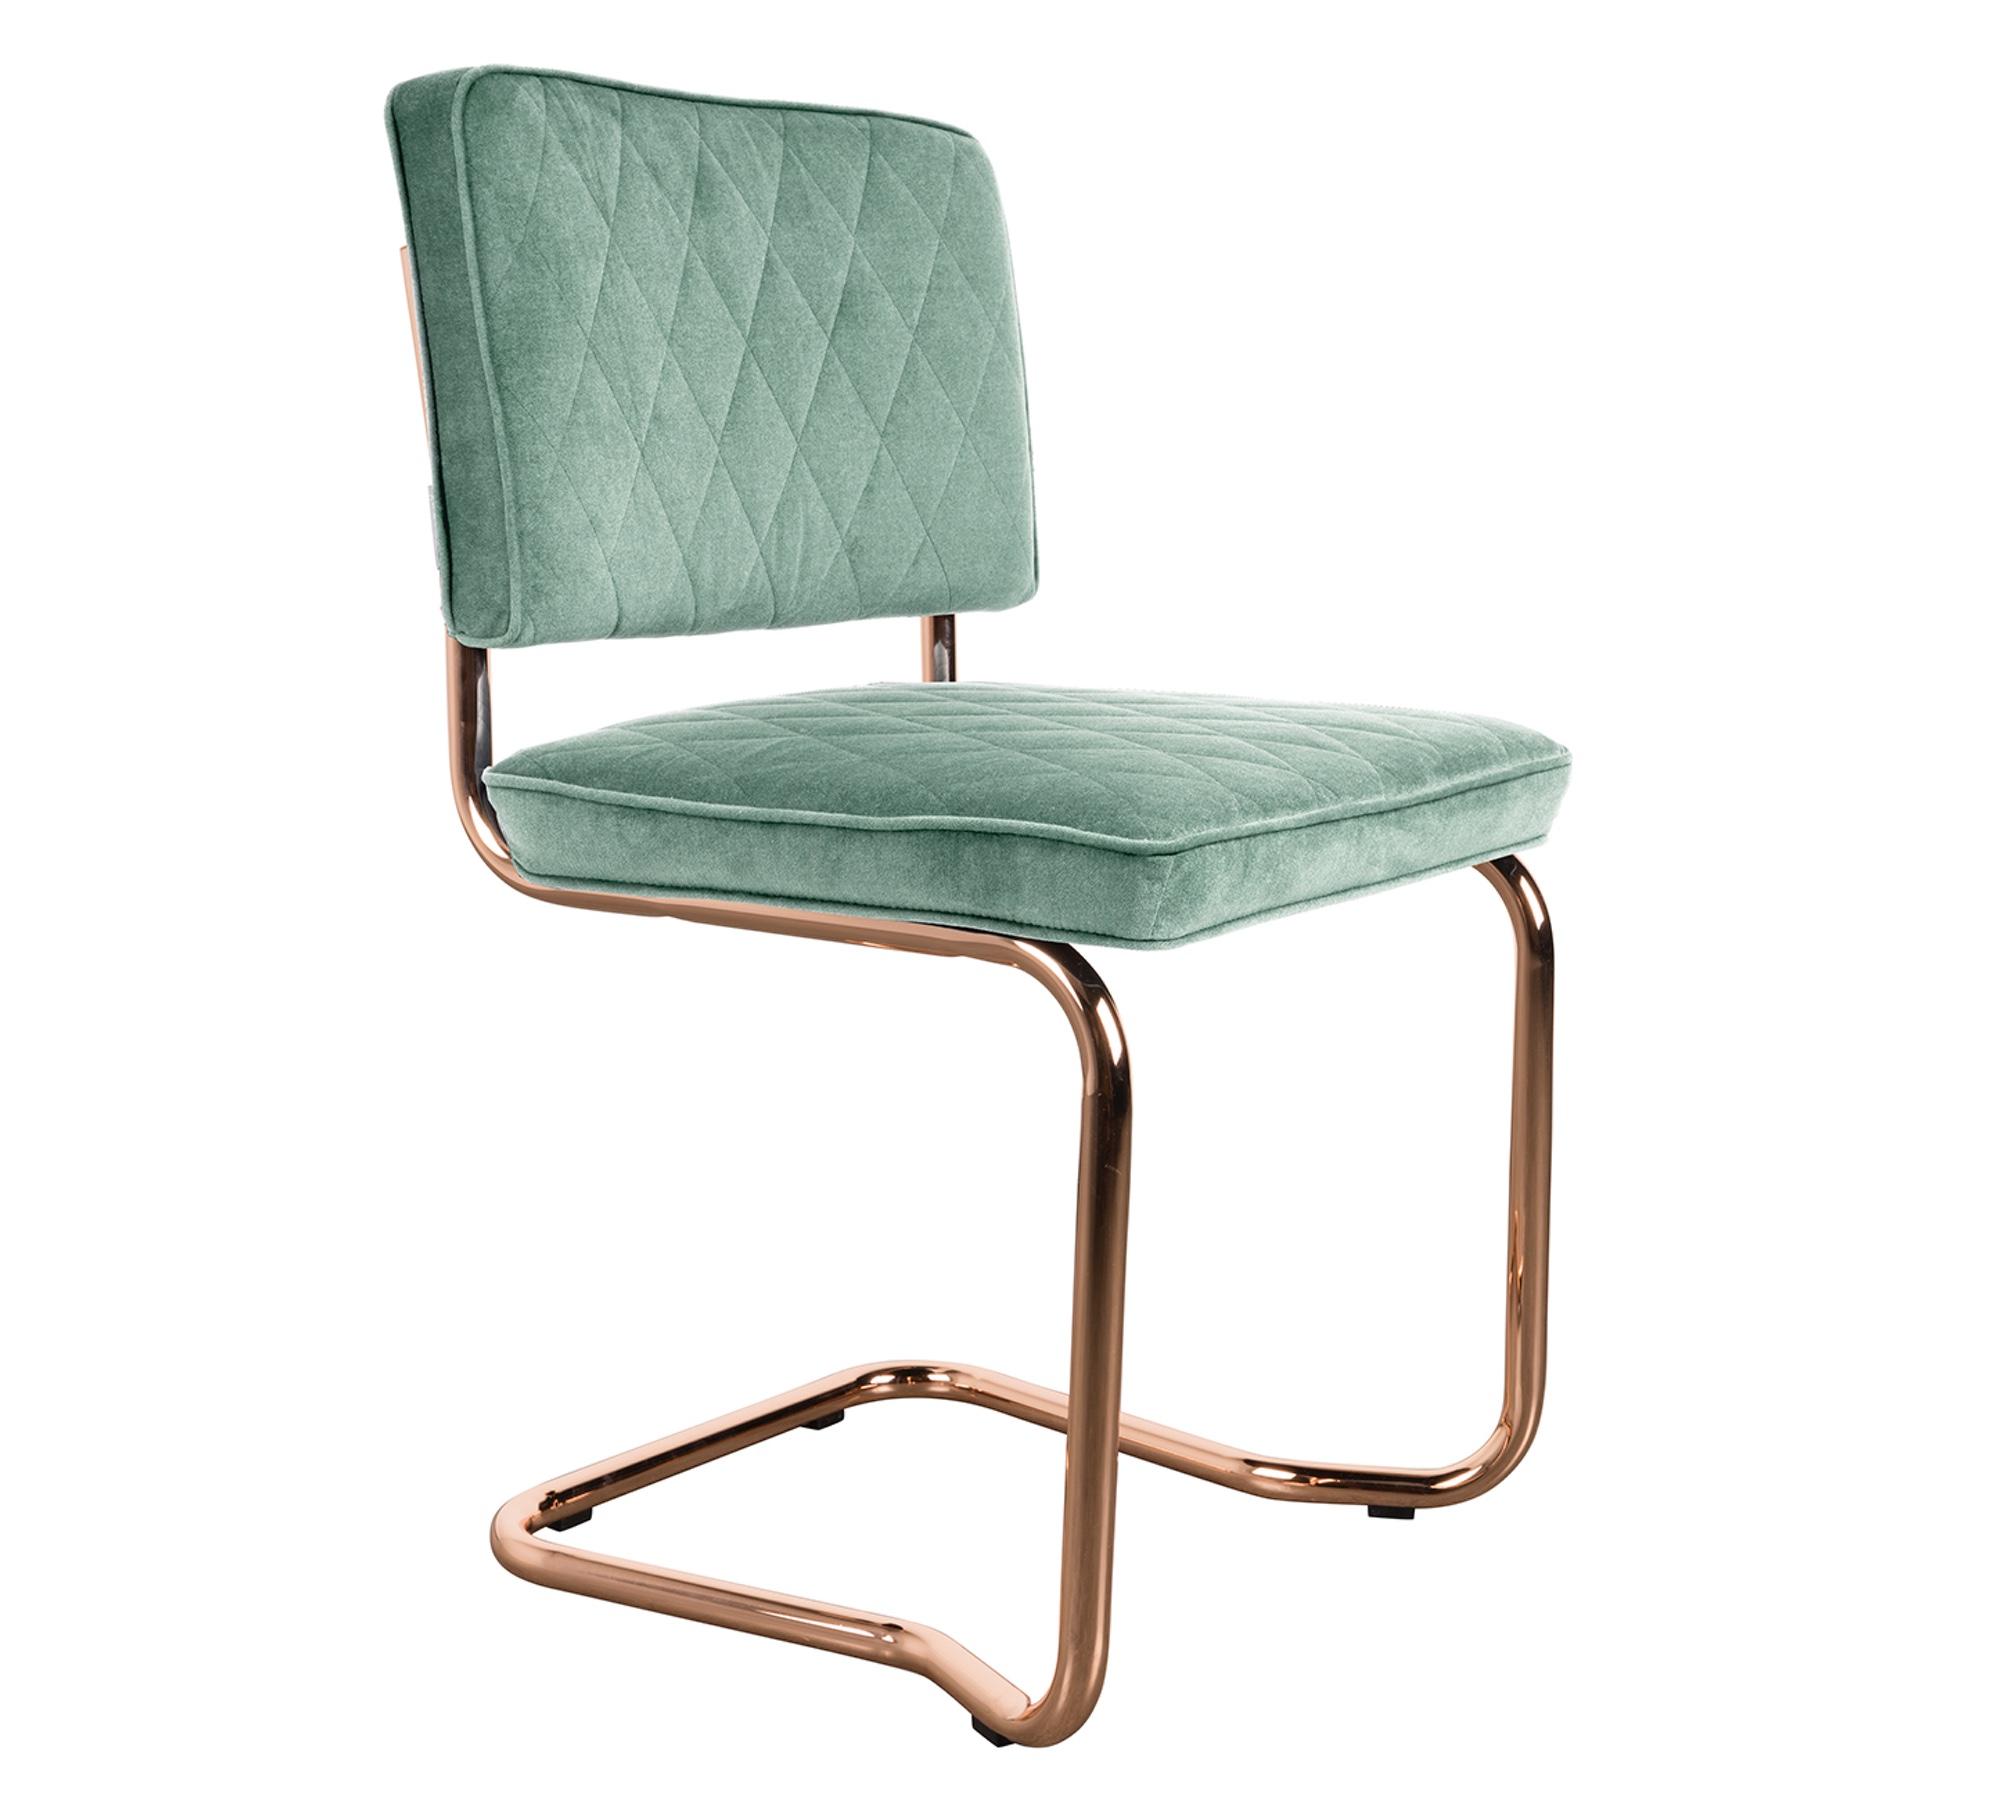 Zuiver Stuhl Diamond Kink Minty Grün Mit Freischwinger Gestell Kupfer